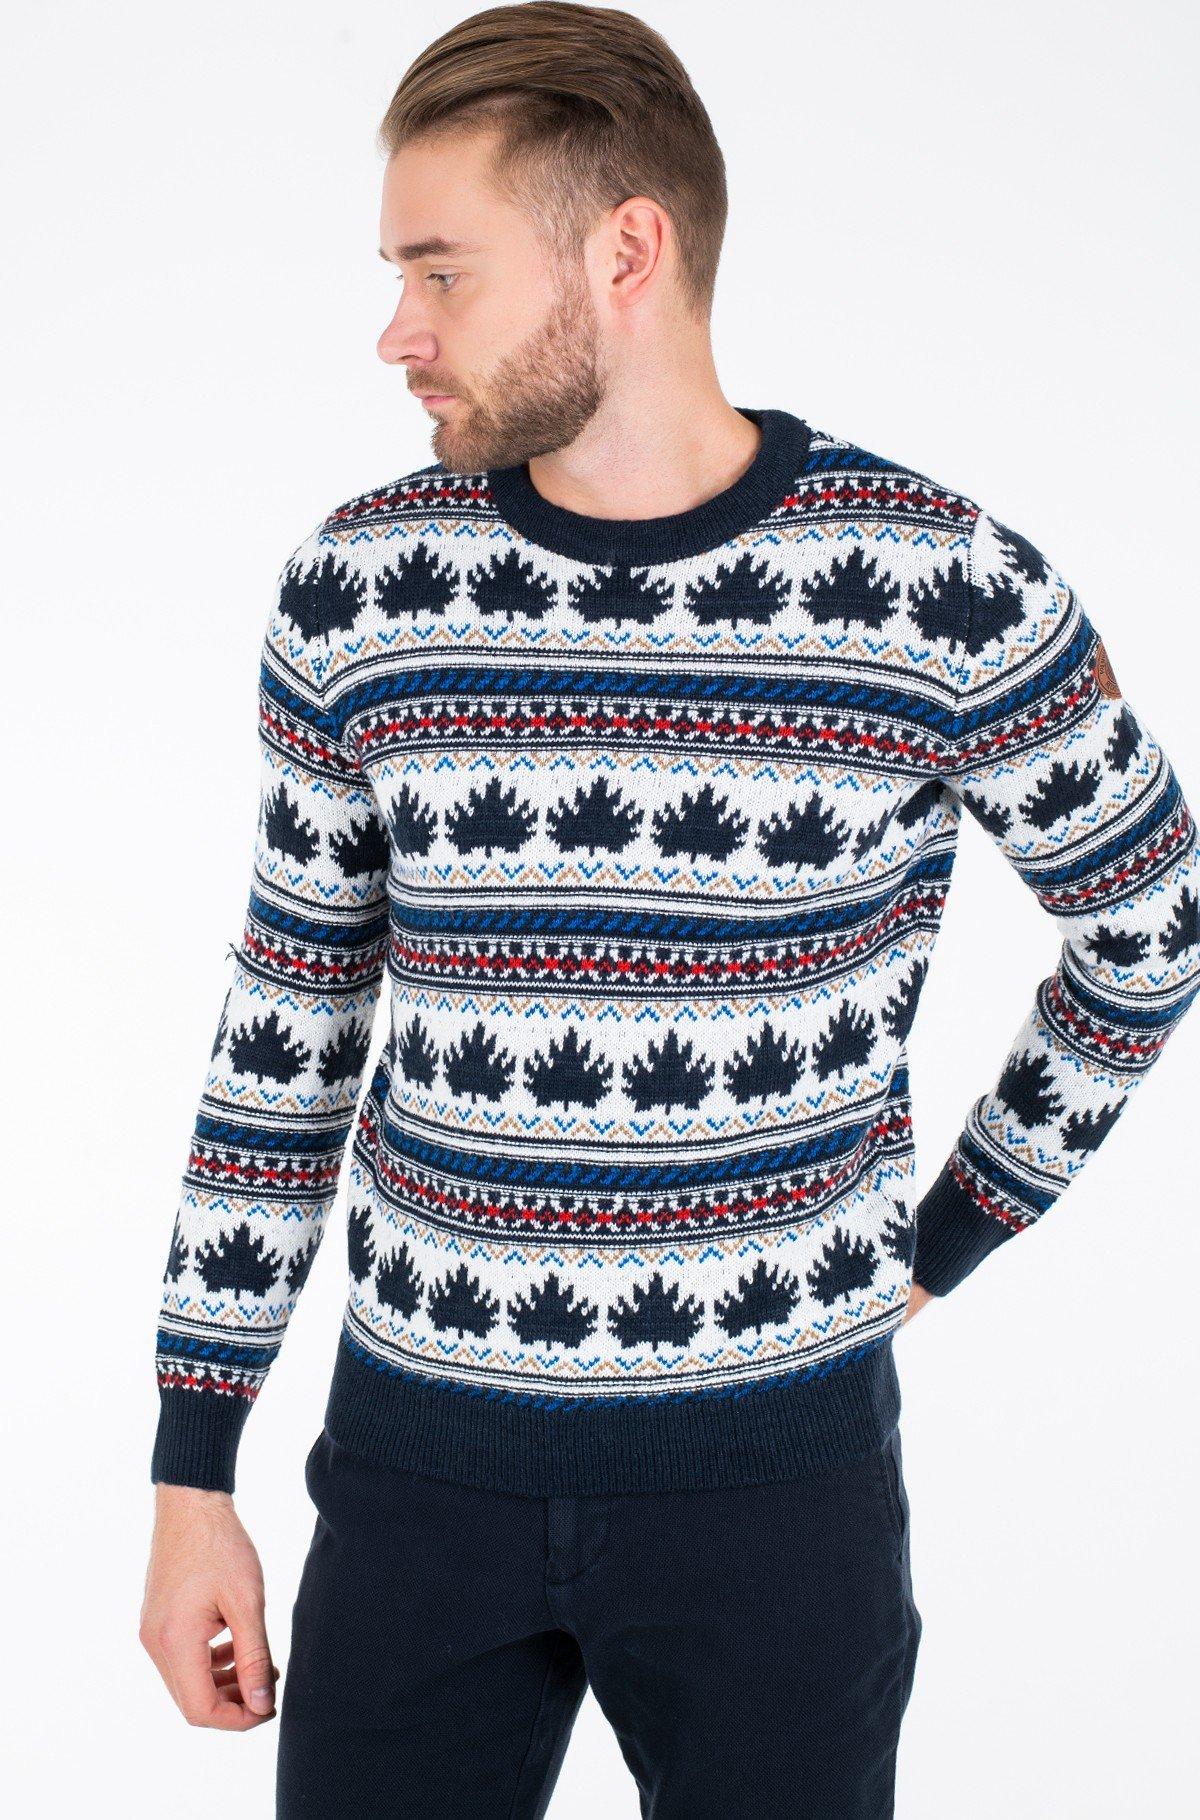 Knitwear 1022483-full-1